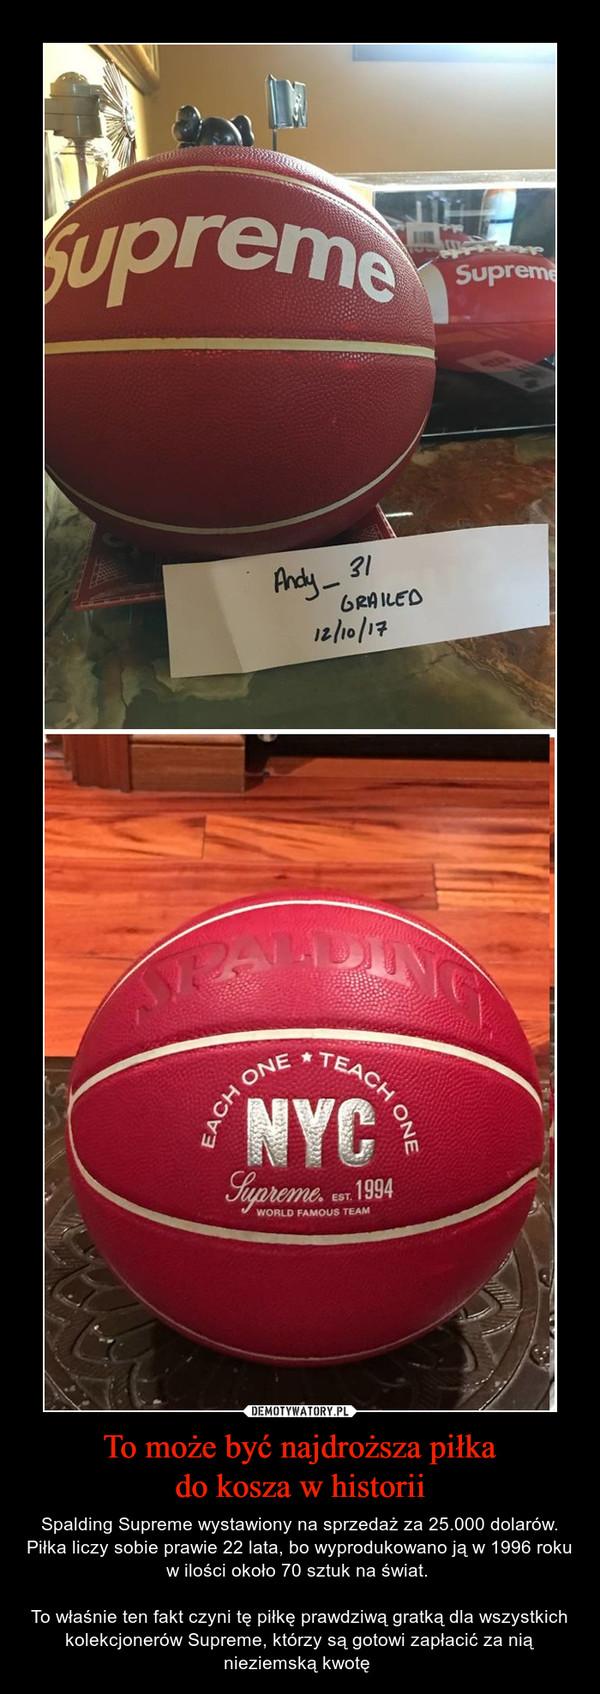 To może być najdroższa piłkado kosza w historii – Spalding Supreme wystawiony na sprzedaż za 25.000 dolarów.Piłka liczy sobie prawie 22 lata, bo wyprodukowano ją w 1996 roku w ilości około 70 sztuk na świat. To właśnie ten fakt czyni tę piłkę prawdziwą gratką dla wszystkich kolekcjonerów Supreme, którzy są gotowi zapłacić za nią nieziemską kwotę